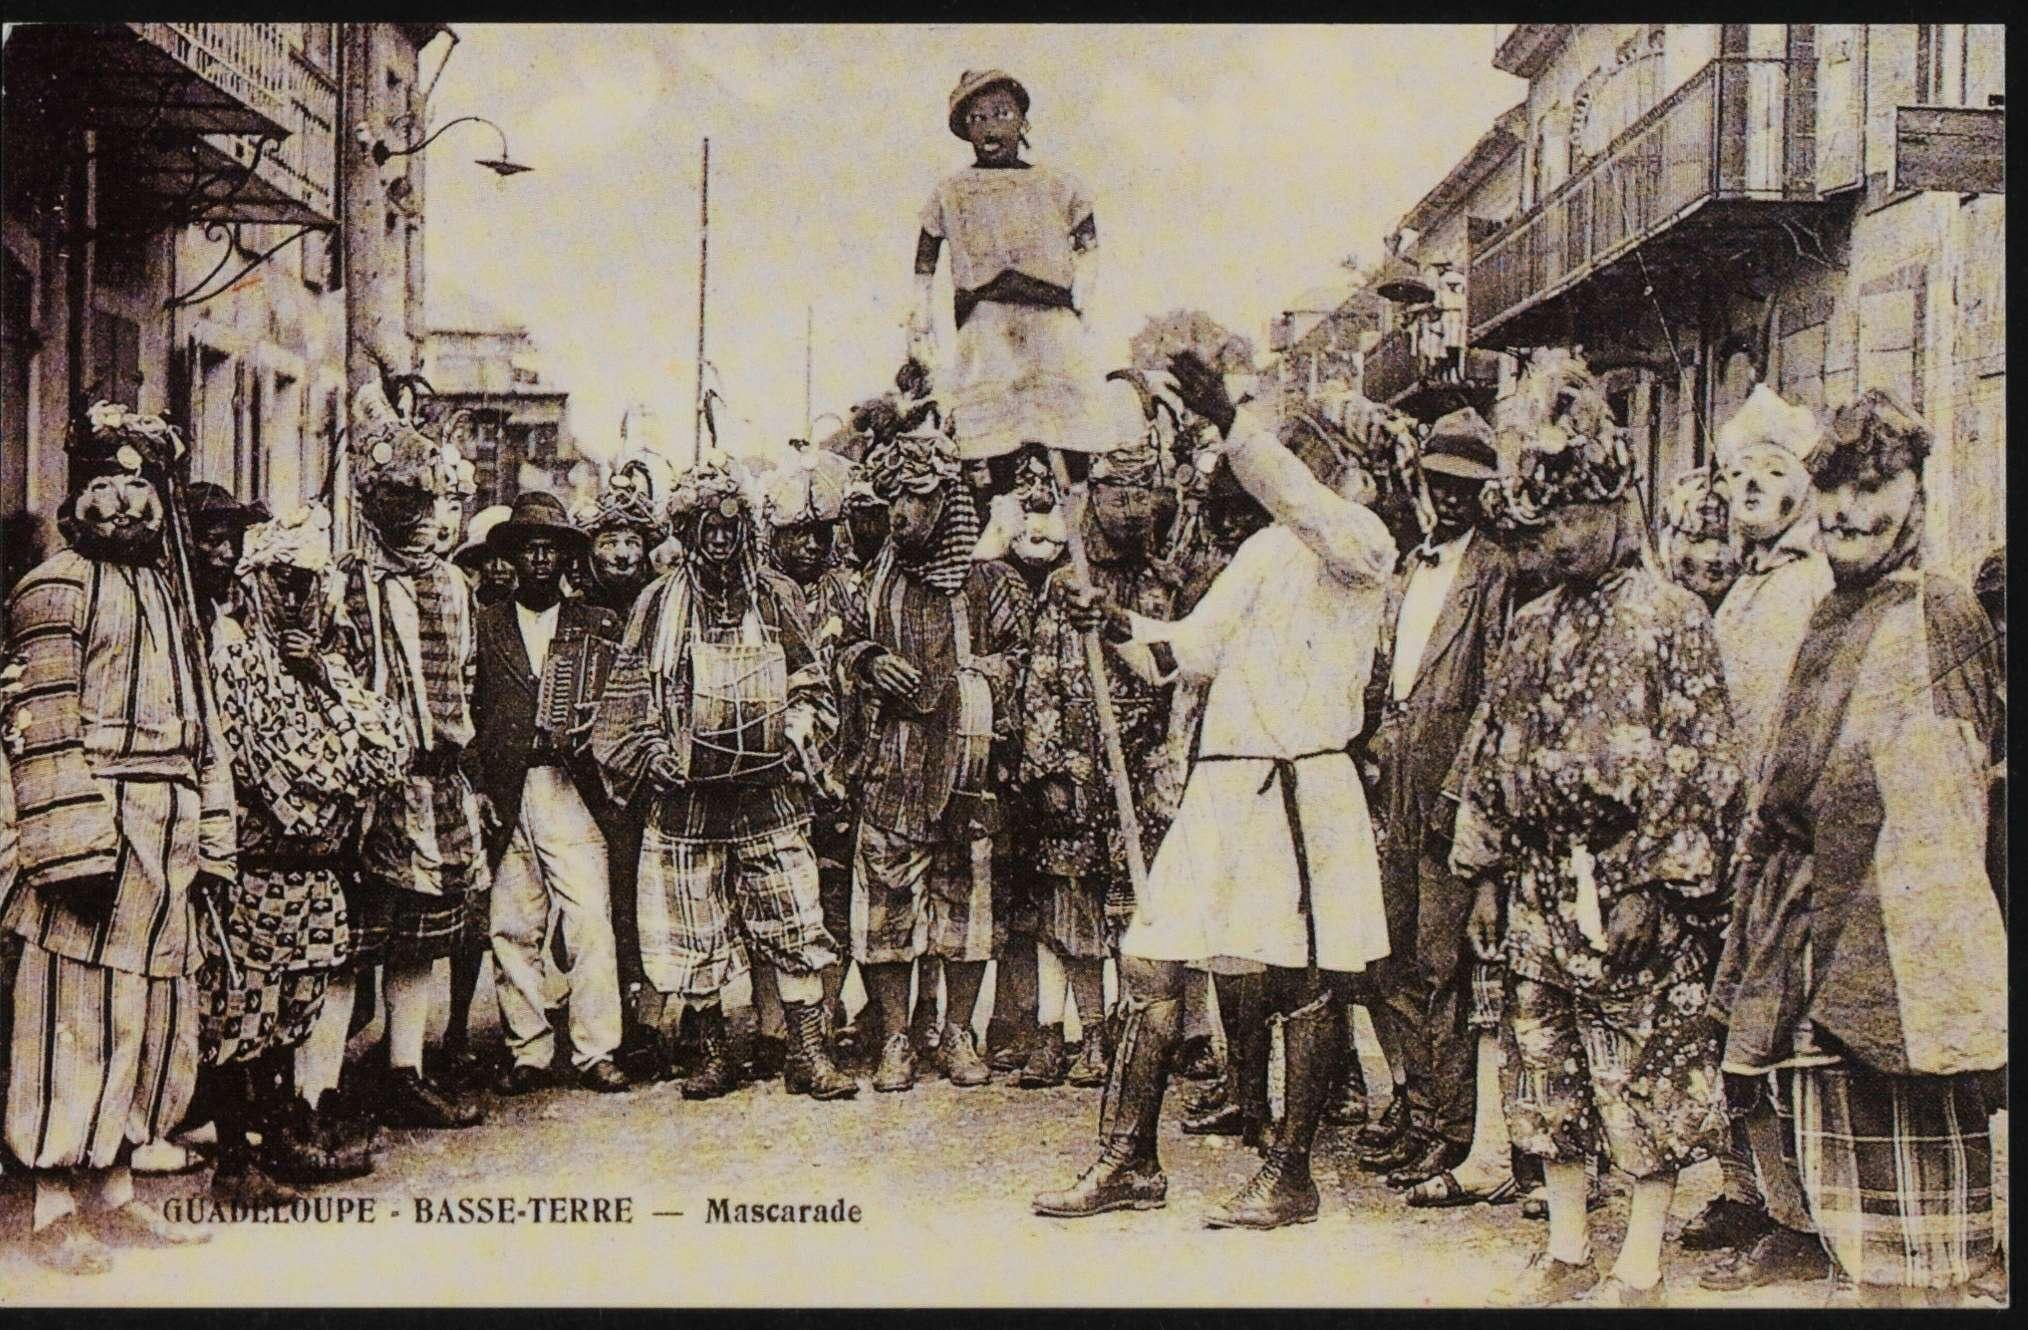 0 - Les Masques de Vieux-Fort à Basse-Terre - Début 20e siècle